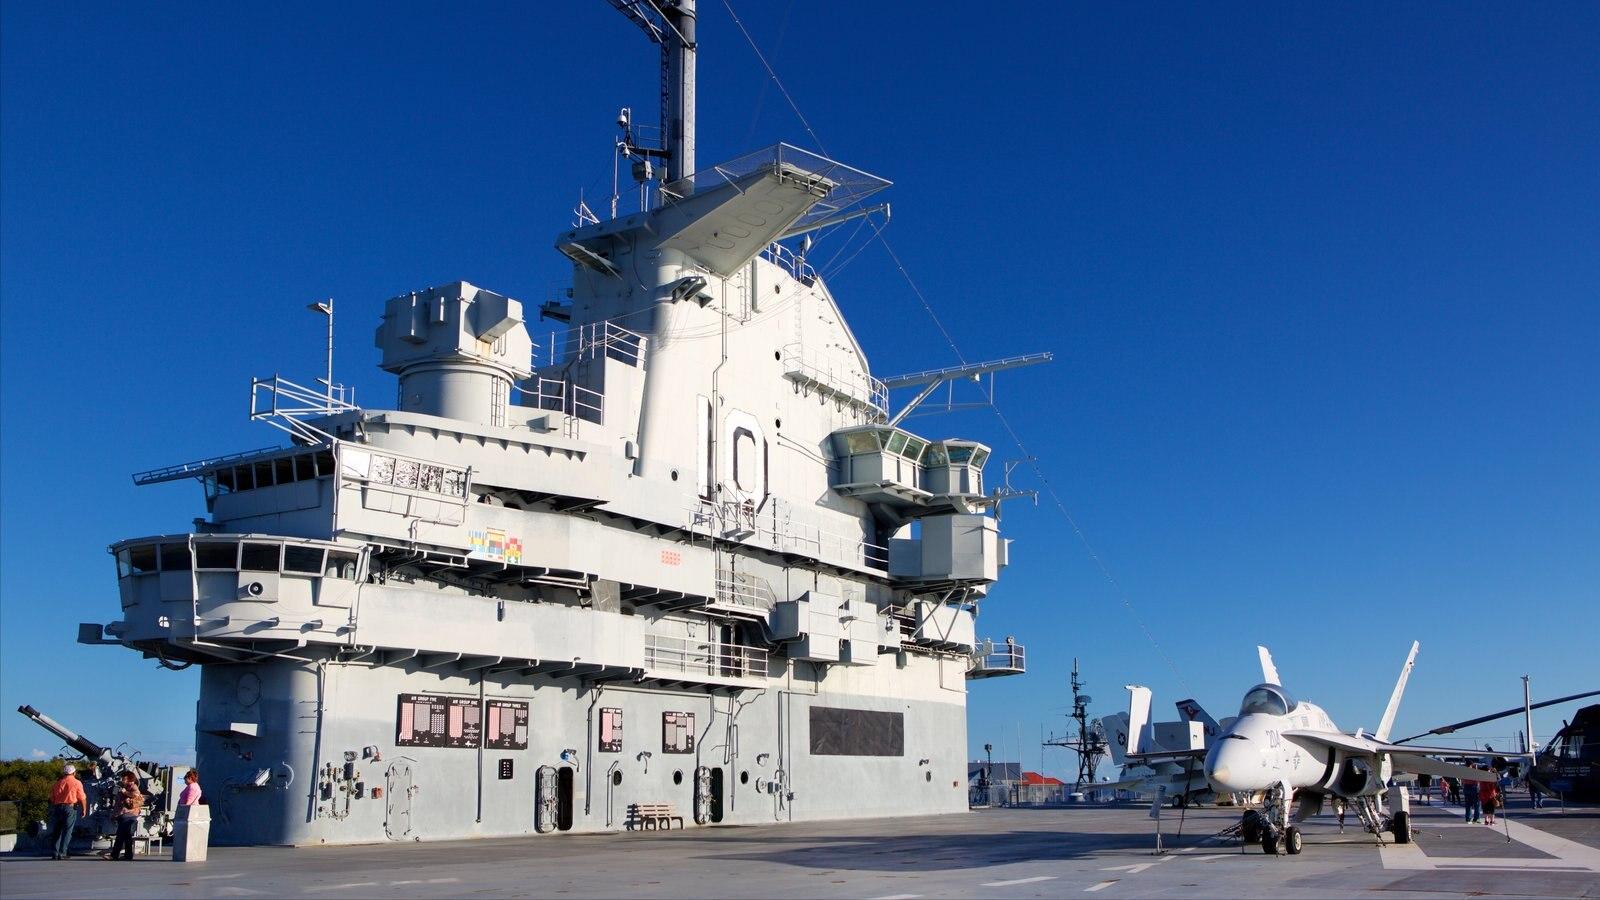 USS Yorktown caracterizando itens militares, um pôr do sol e aeronave